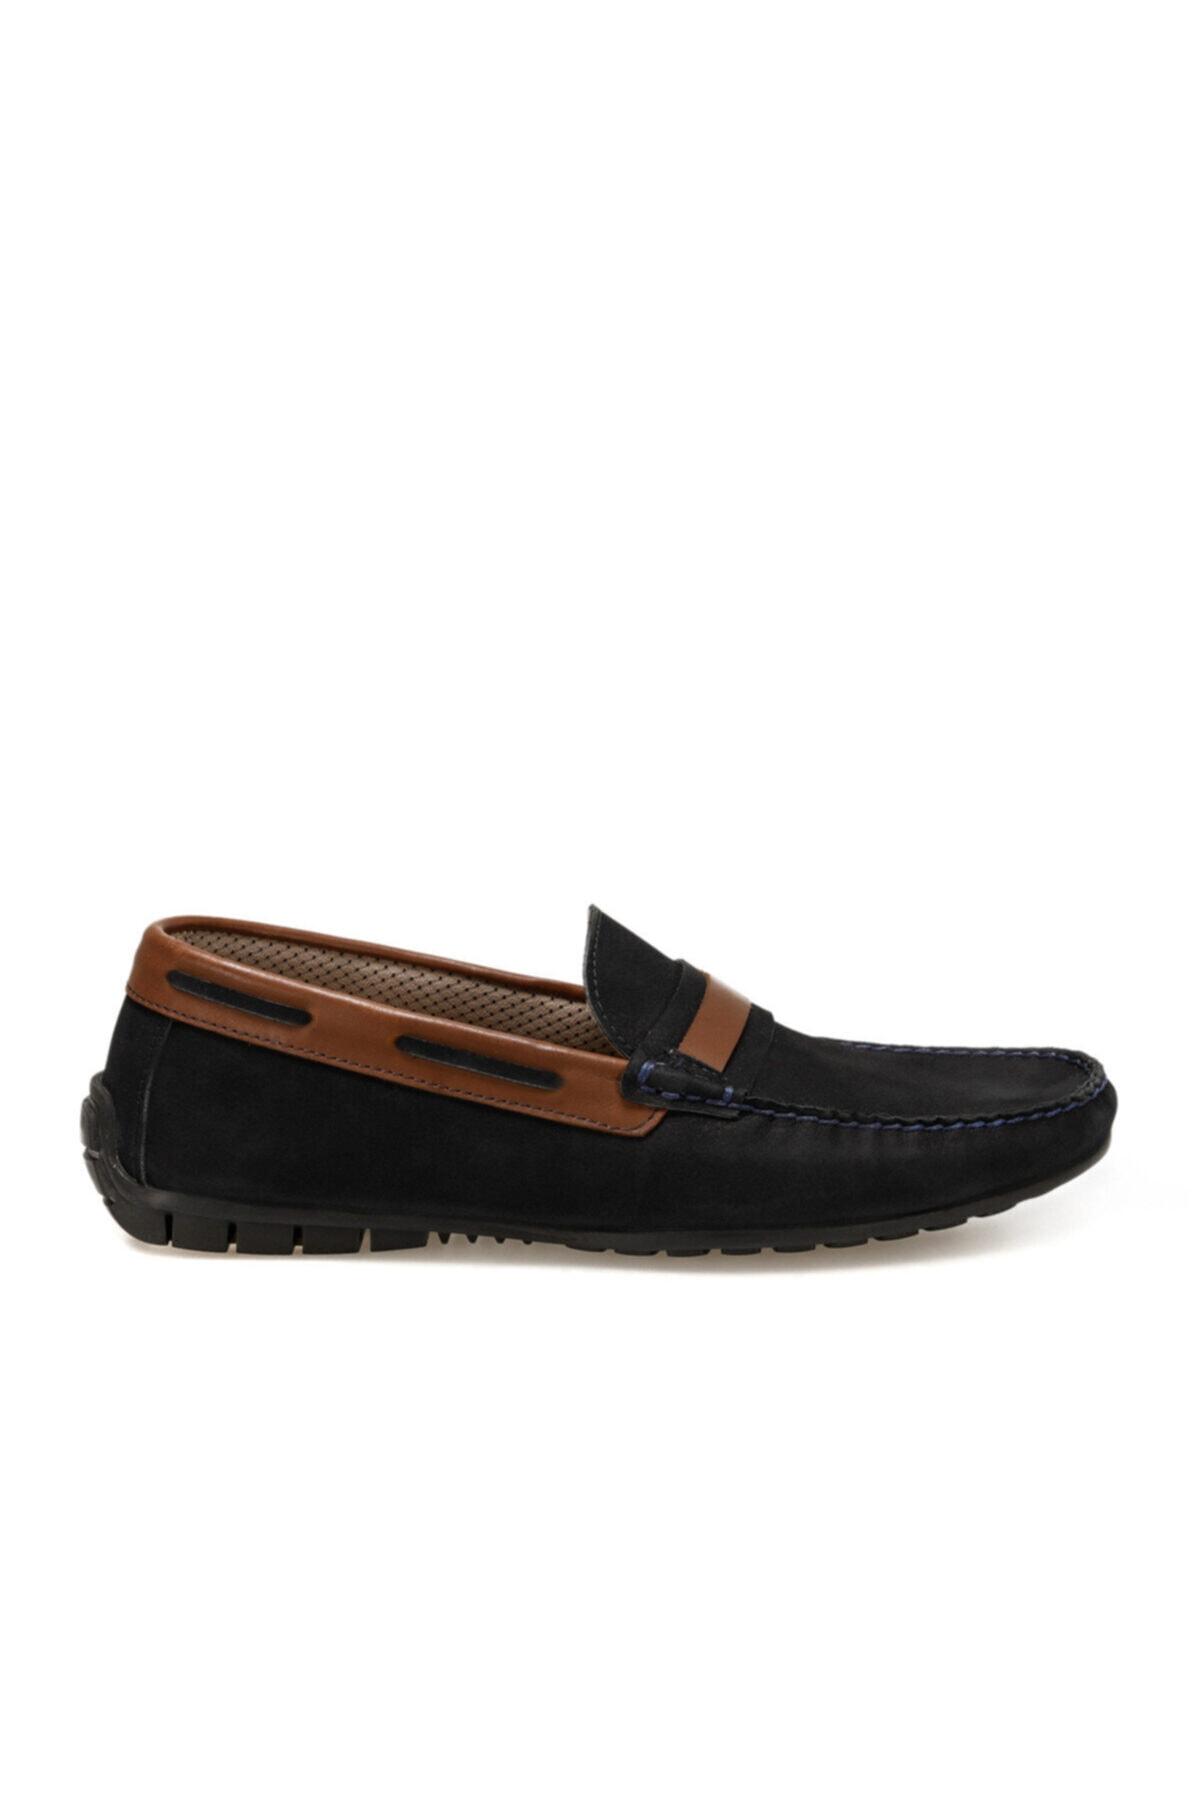 OXIDE LF80 Lacivert Erkek Loafer Ayakkabı 100518285 2